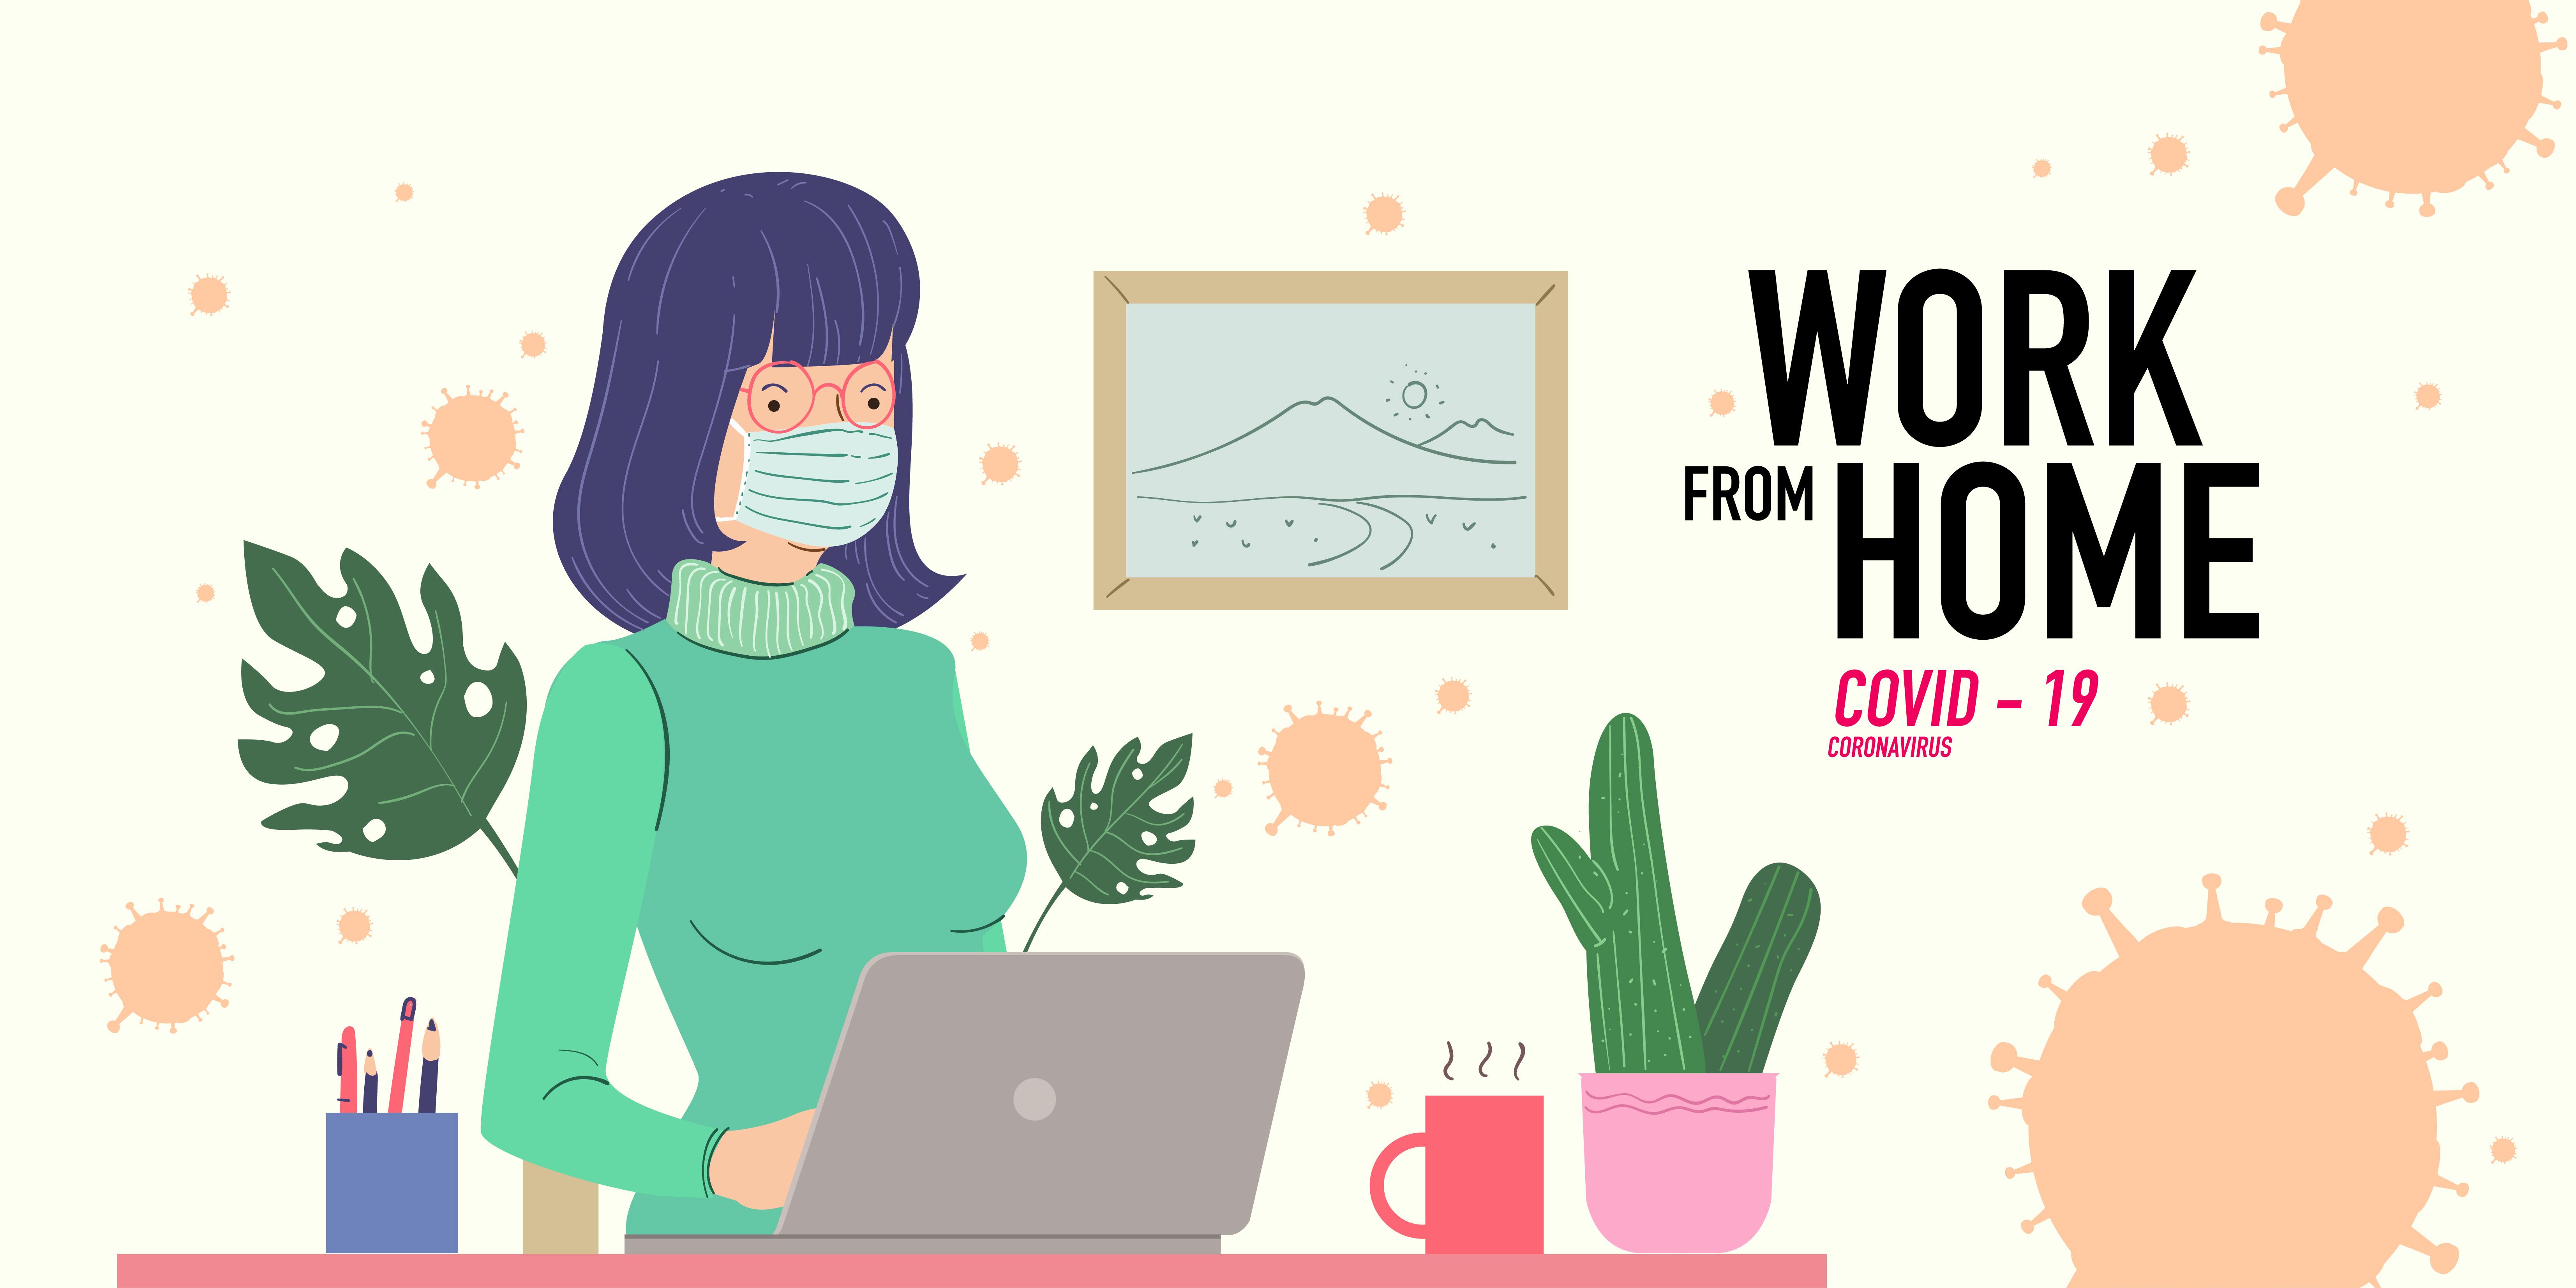 サーバーワークス、毎月2万円の在宅勤務手当を社員に支給